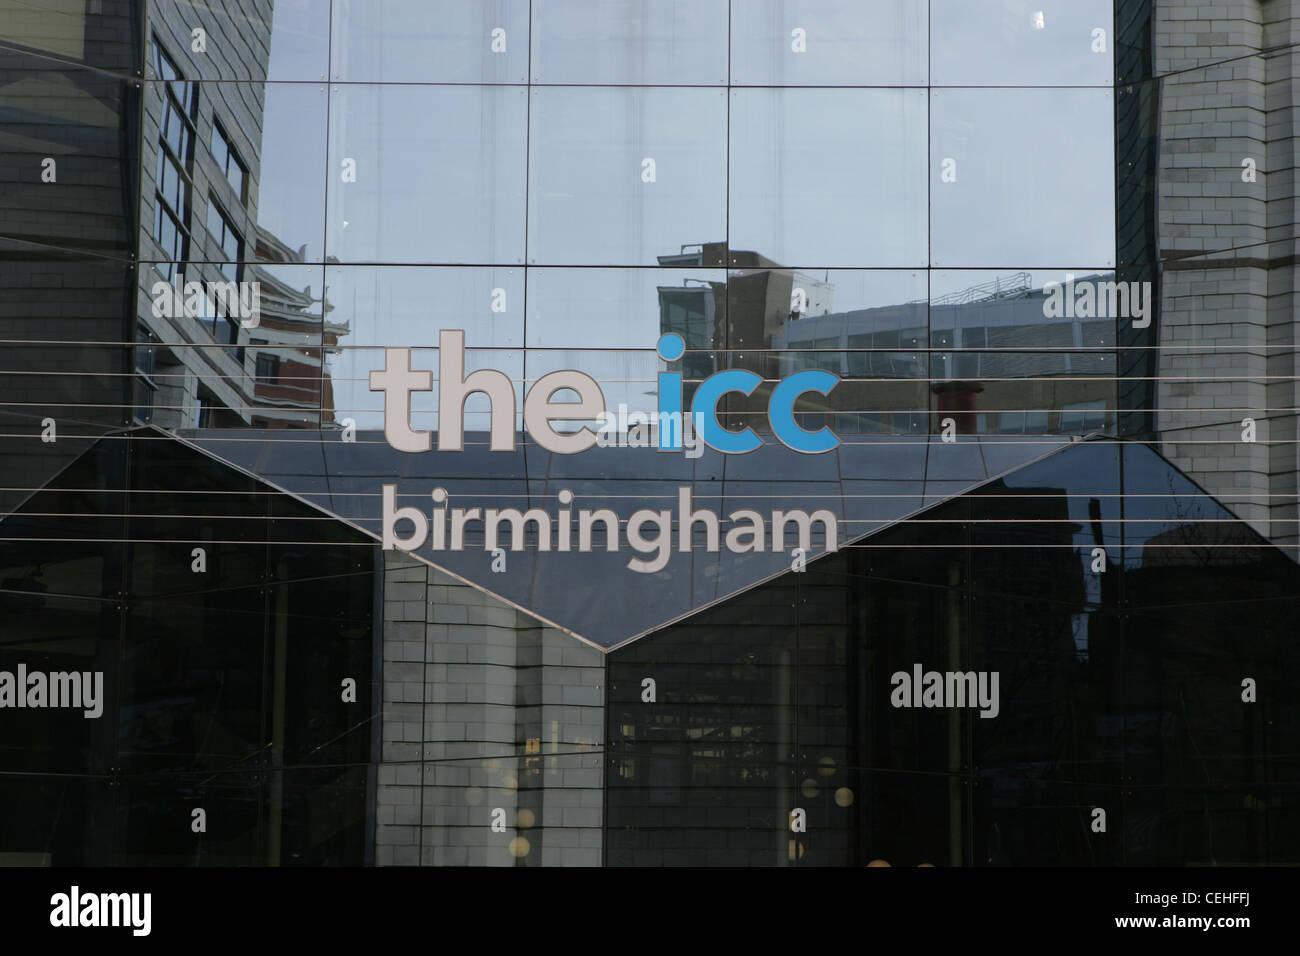 the icc birmingham, icc, uk - Stock Image